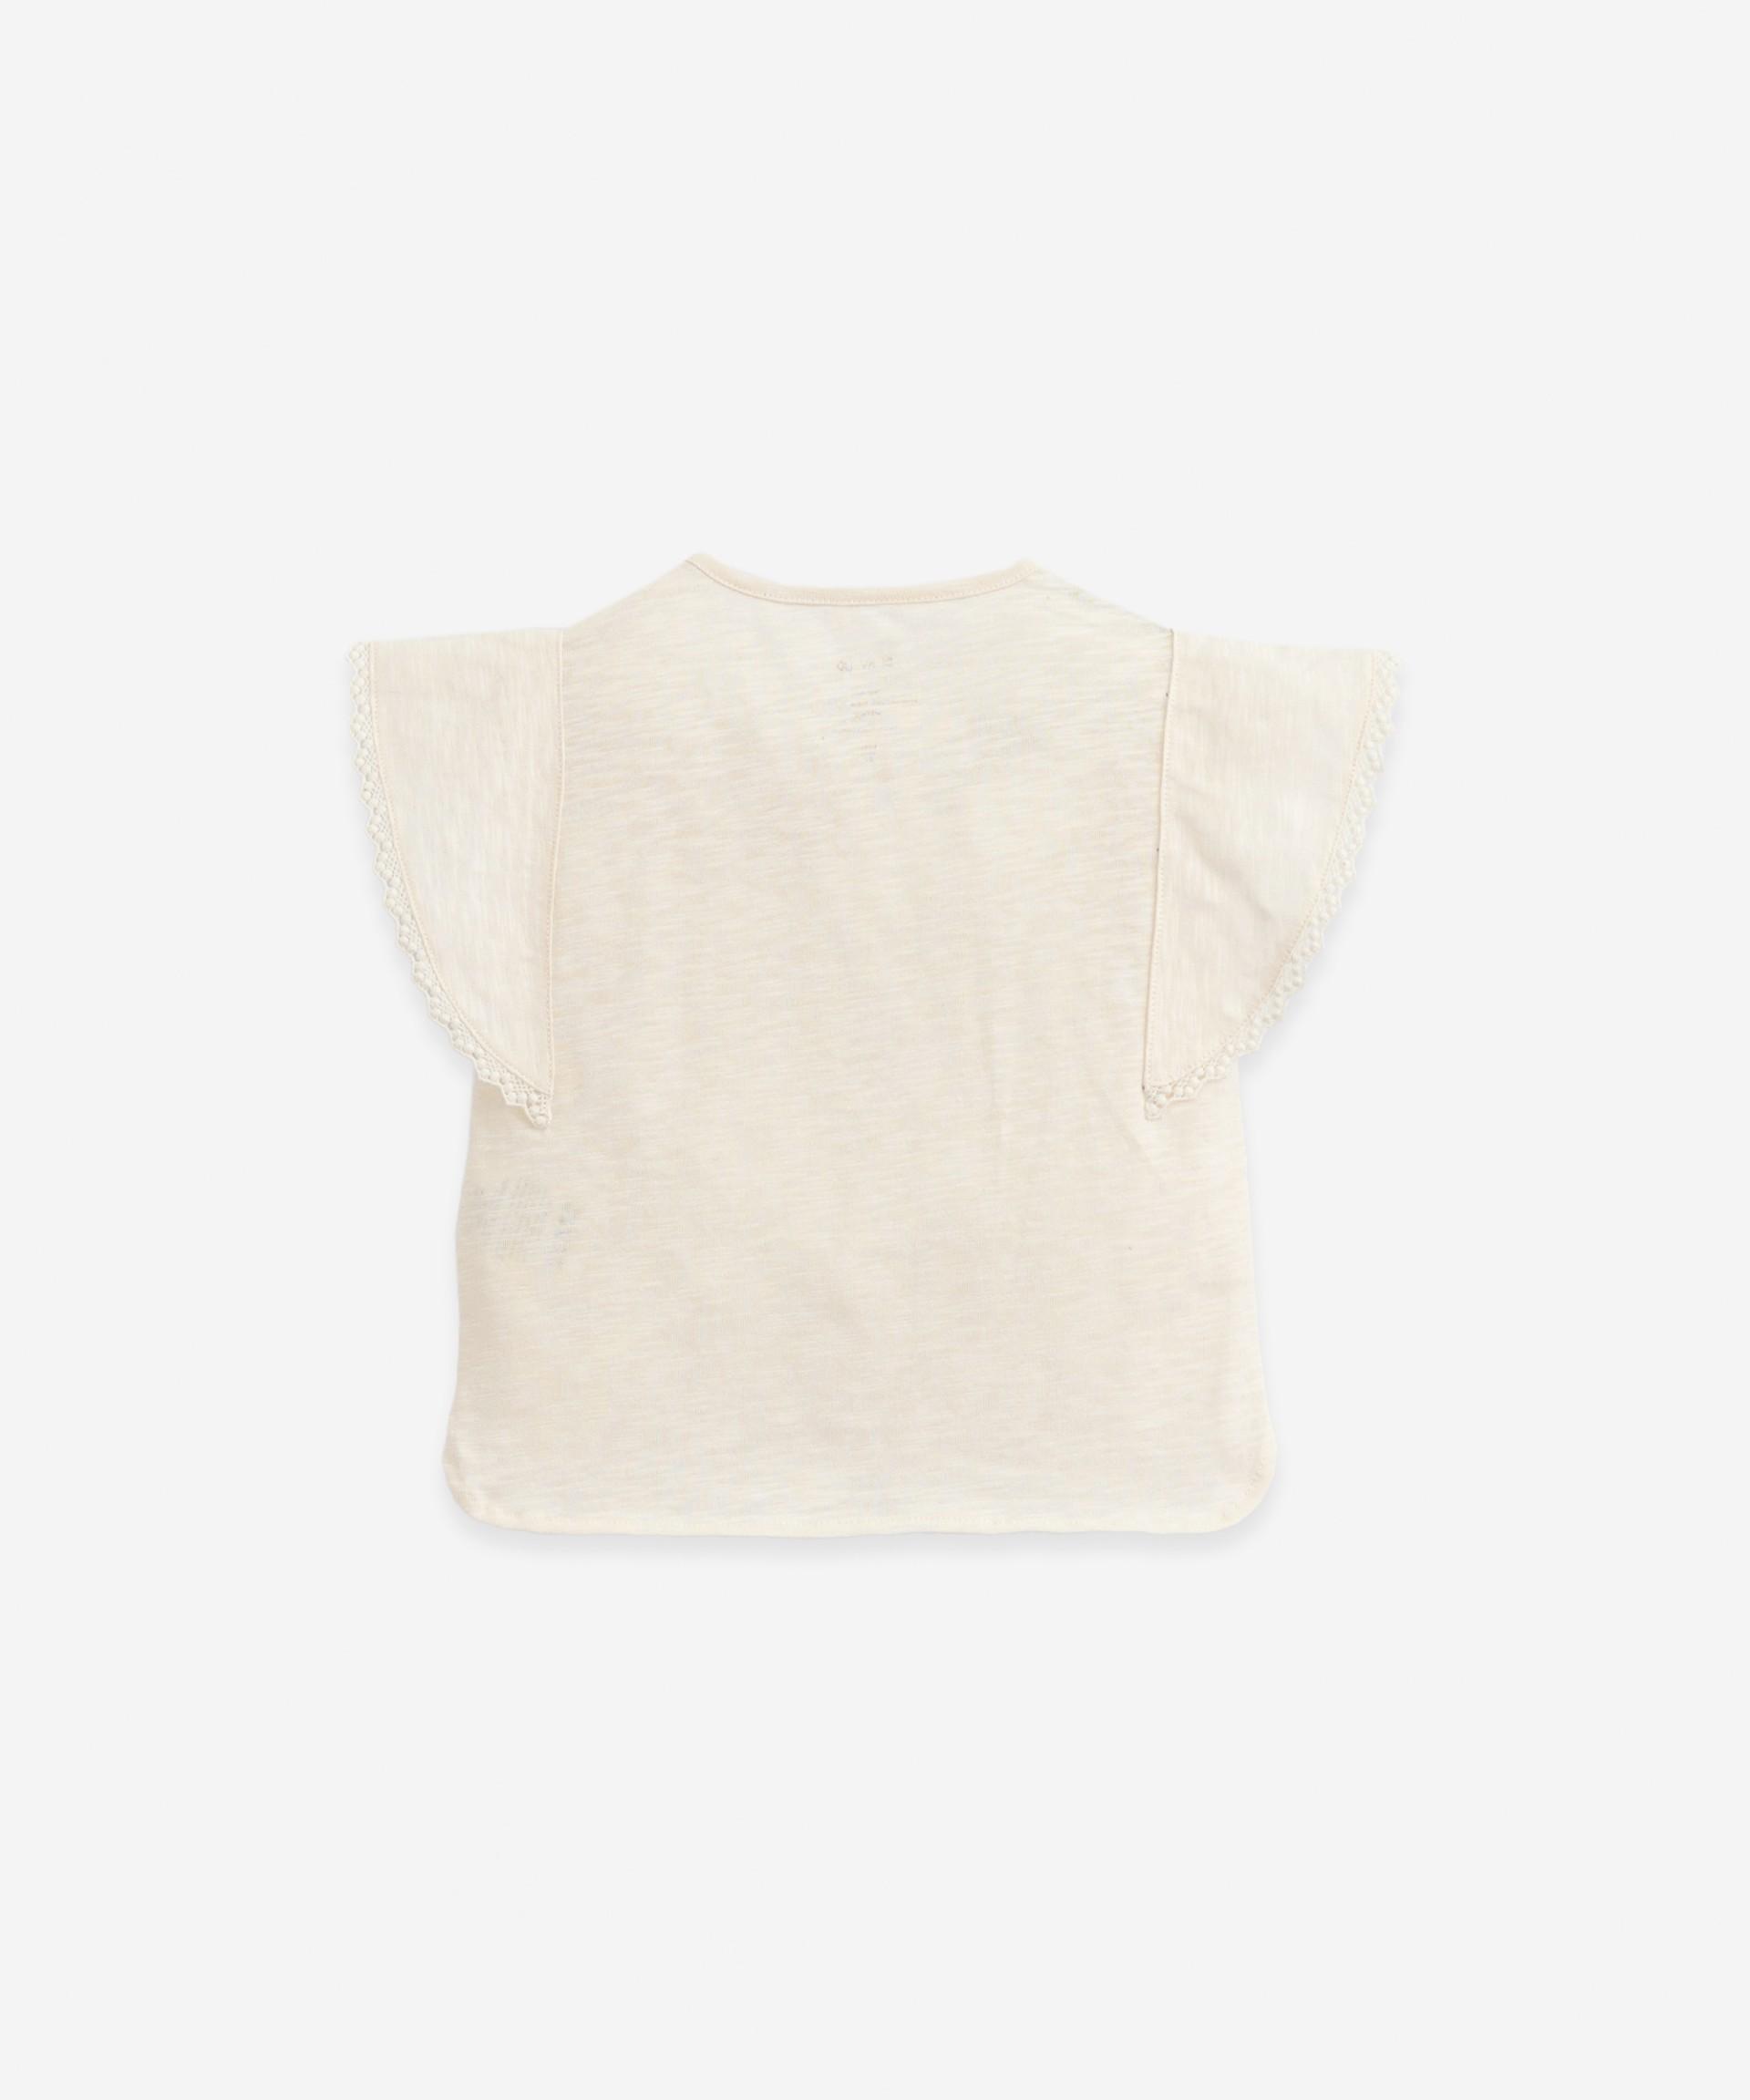 T-shirt e algodão orgânico | Botany